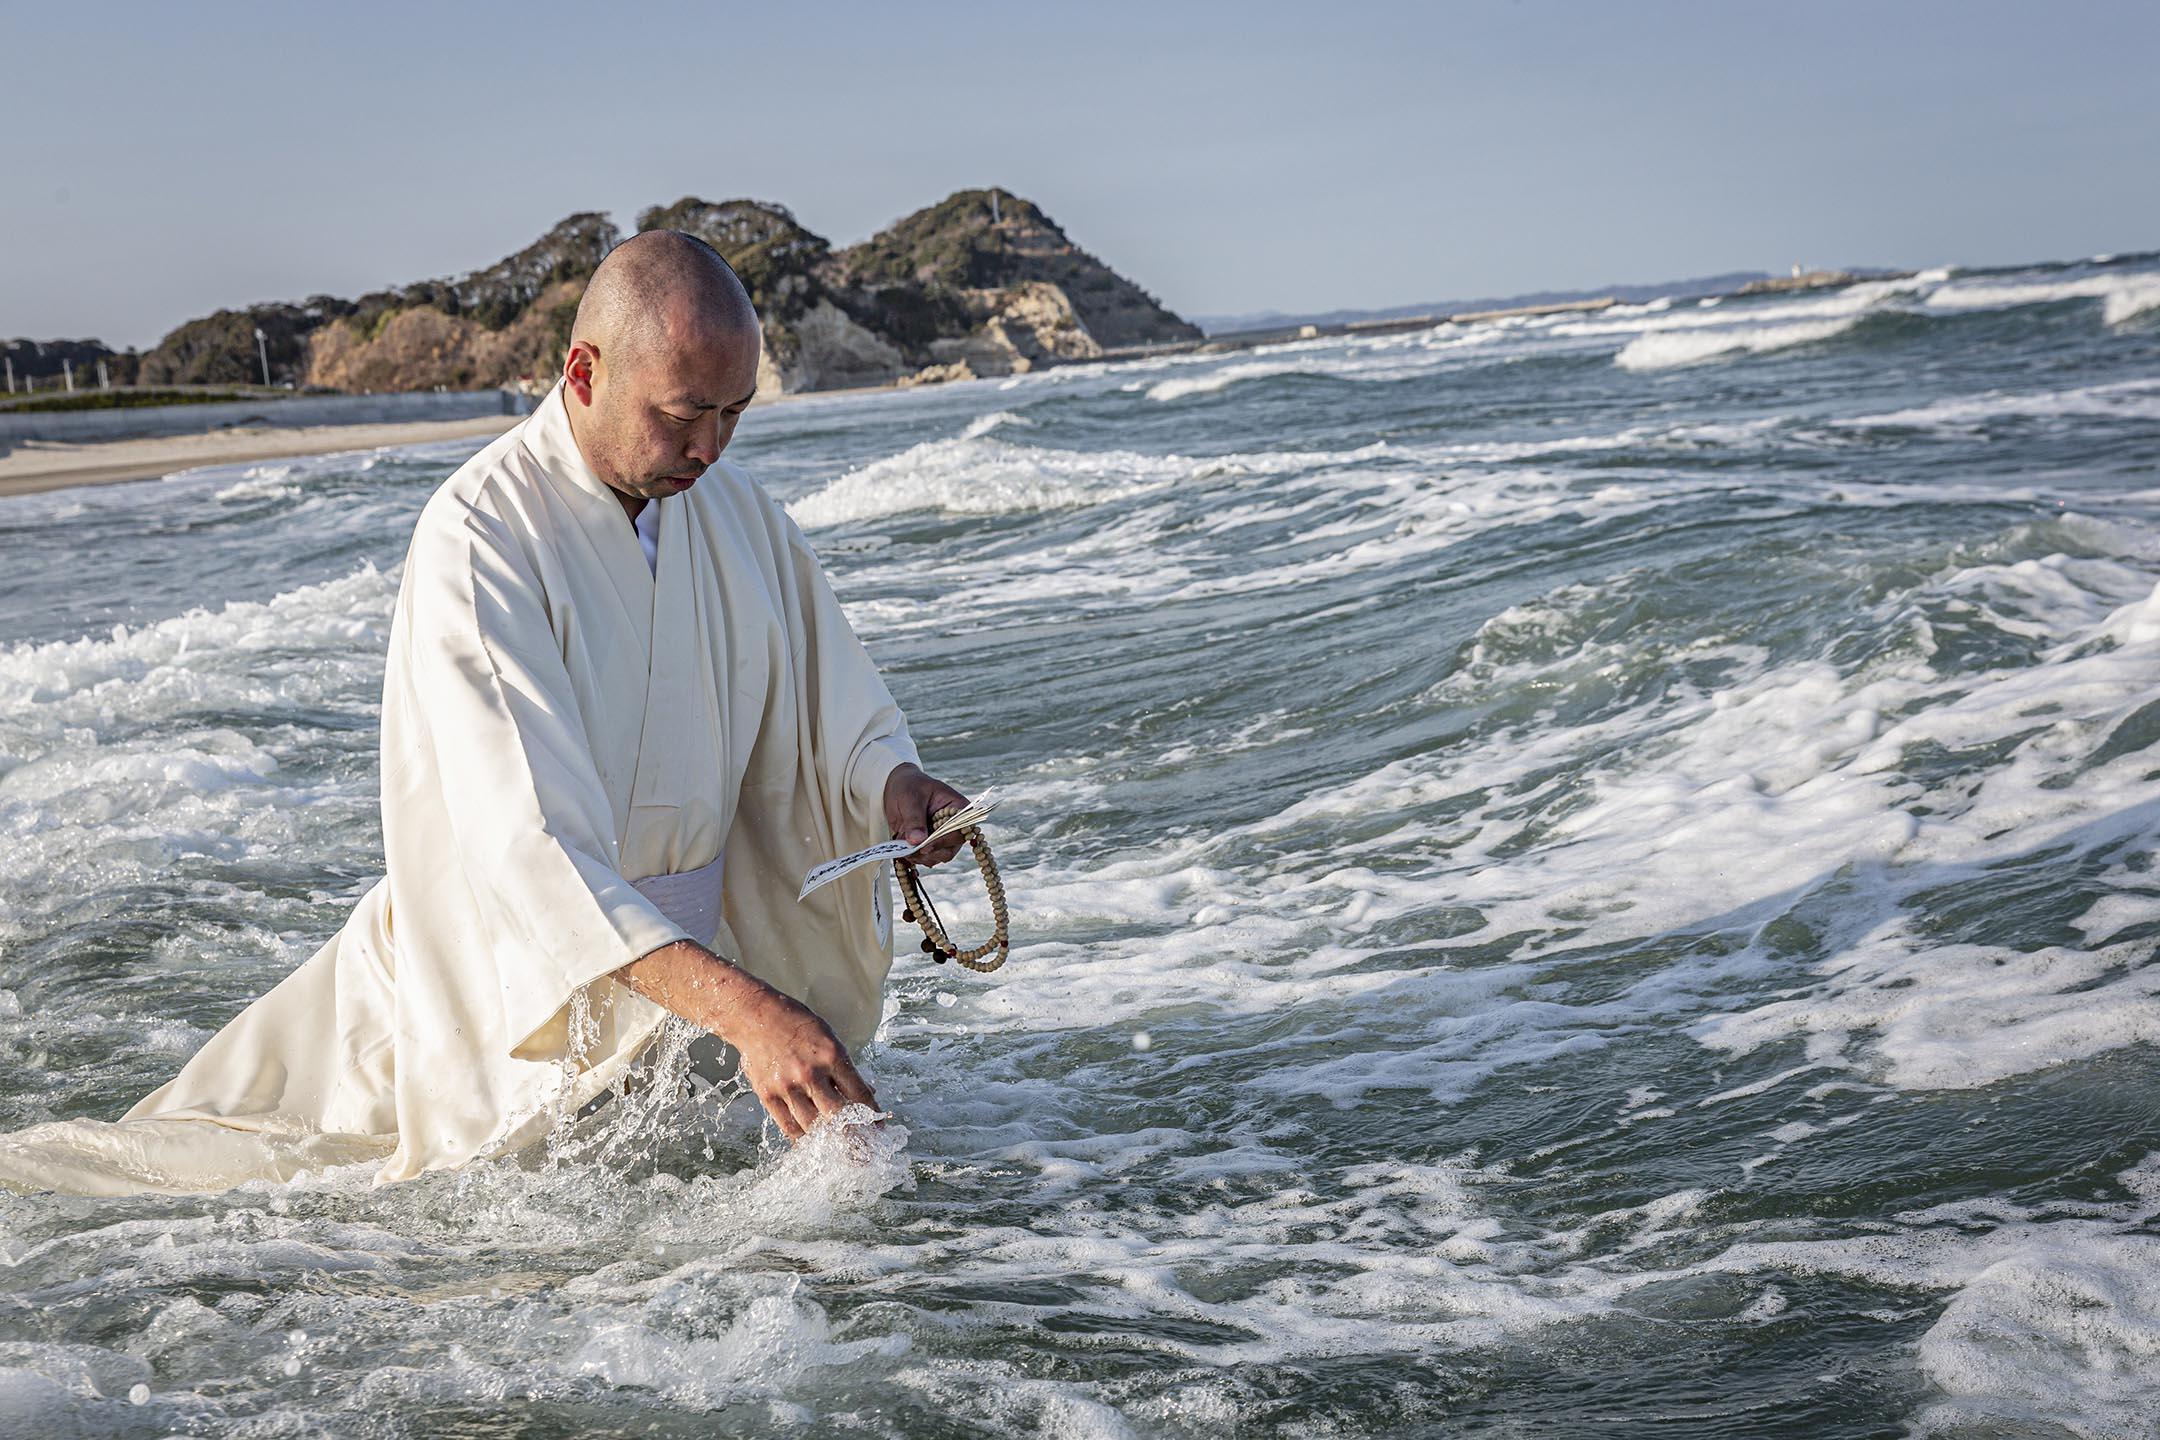 2021年3月11日日本磐石,和尚為311大地震和海嘯的受害者祈禱。